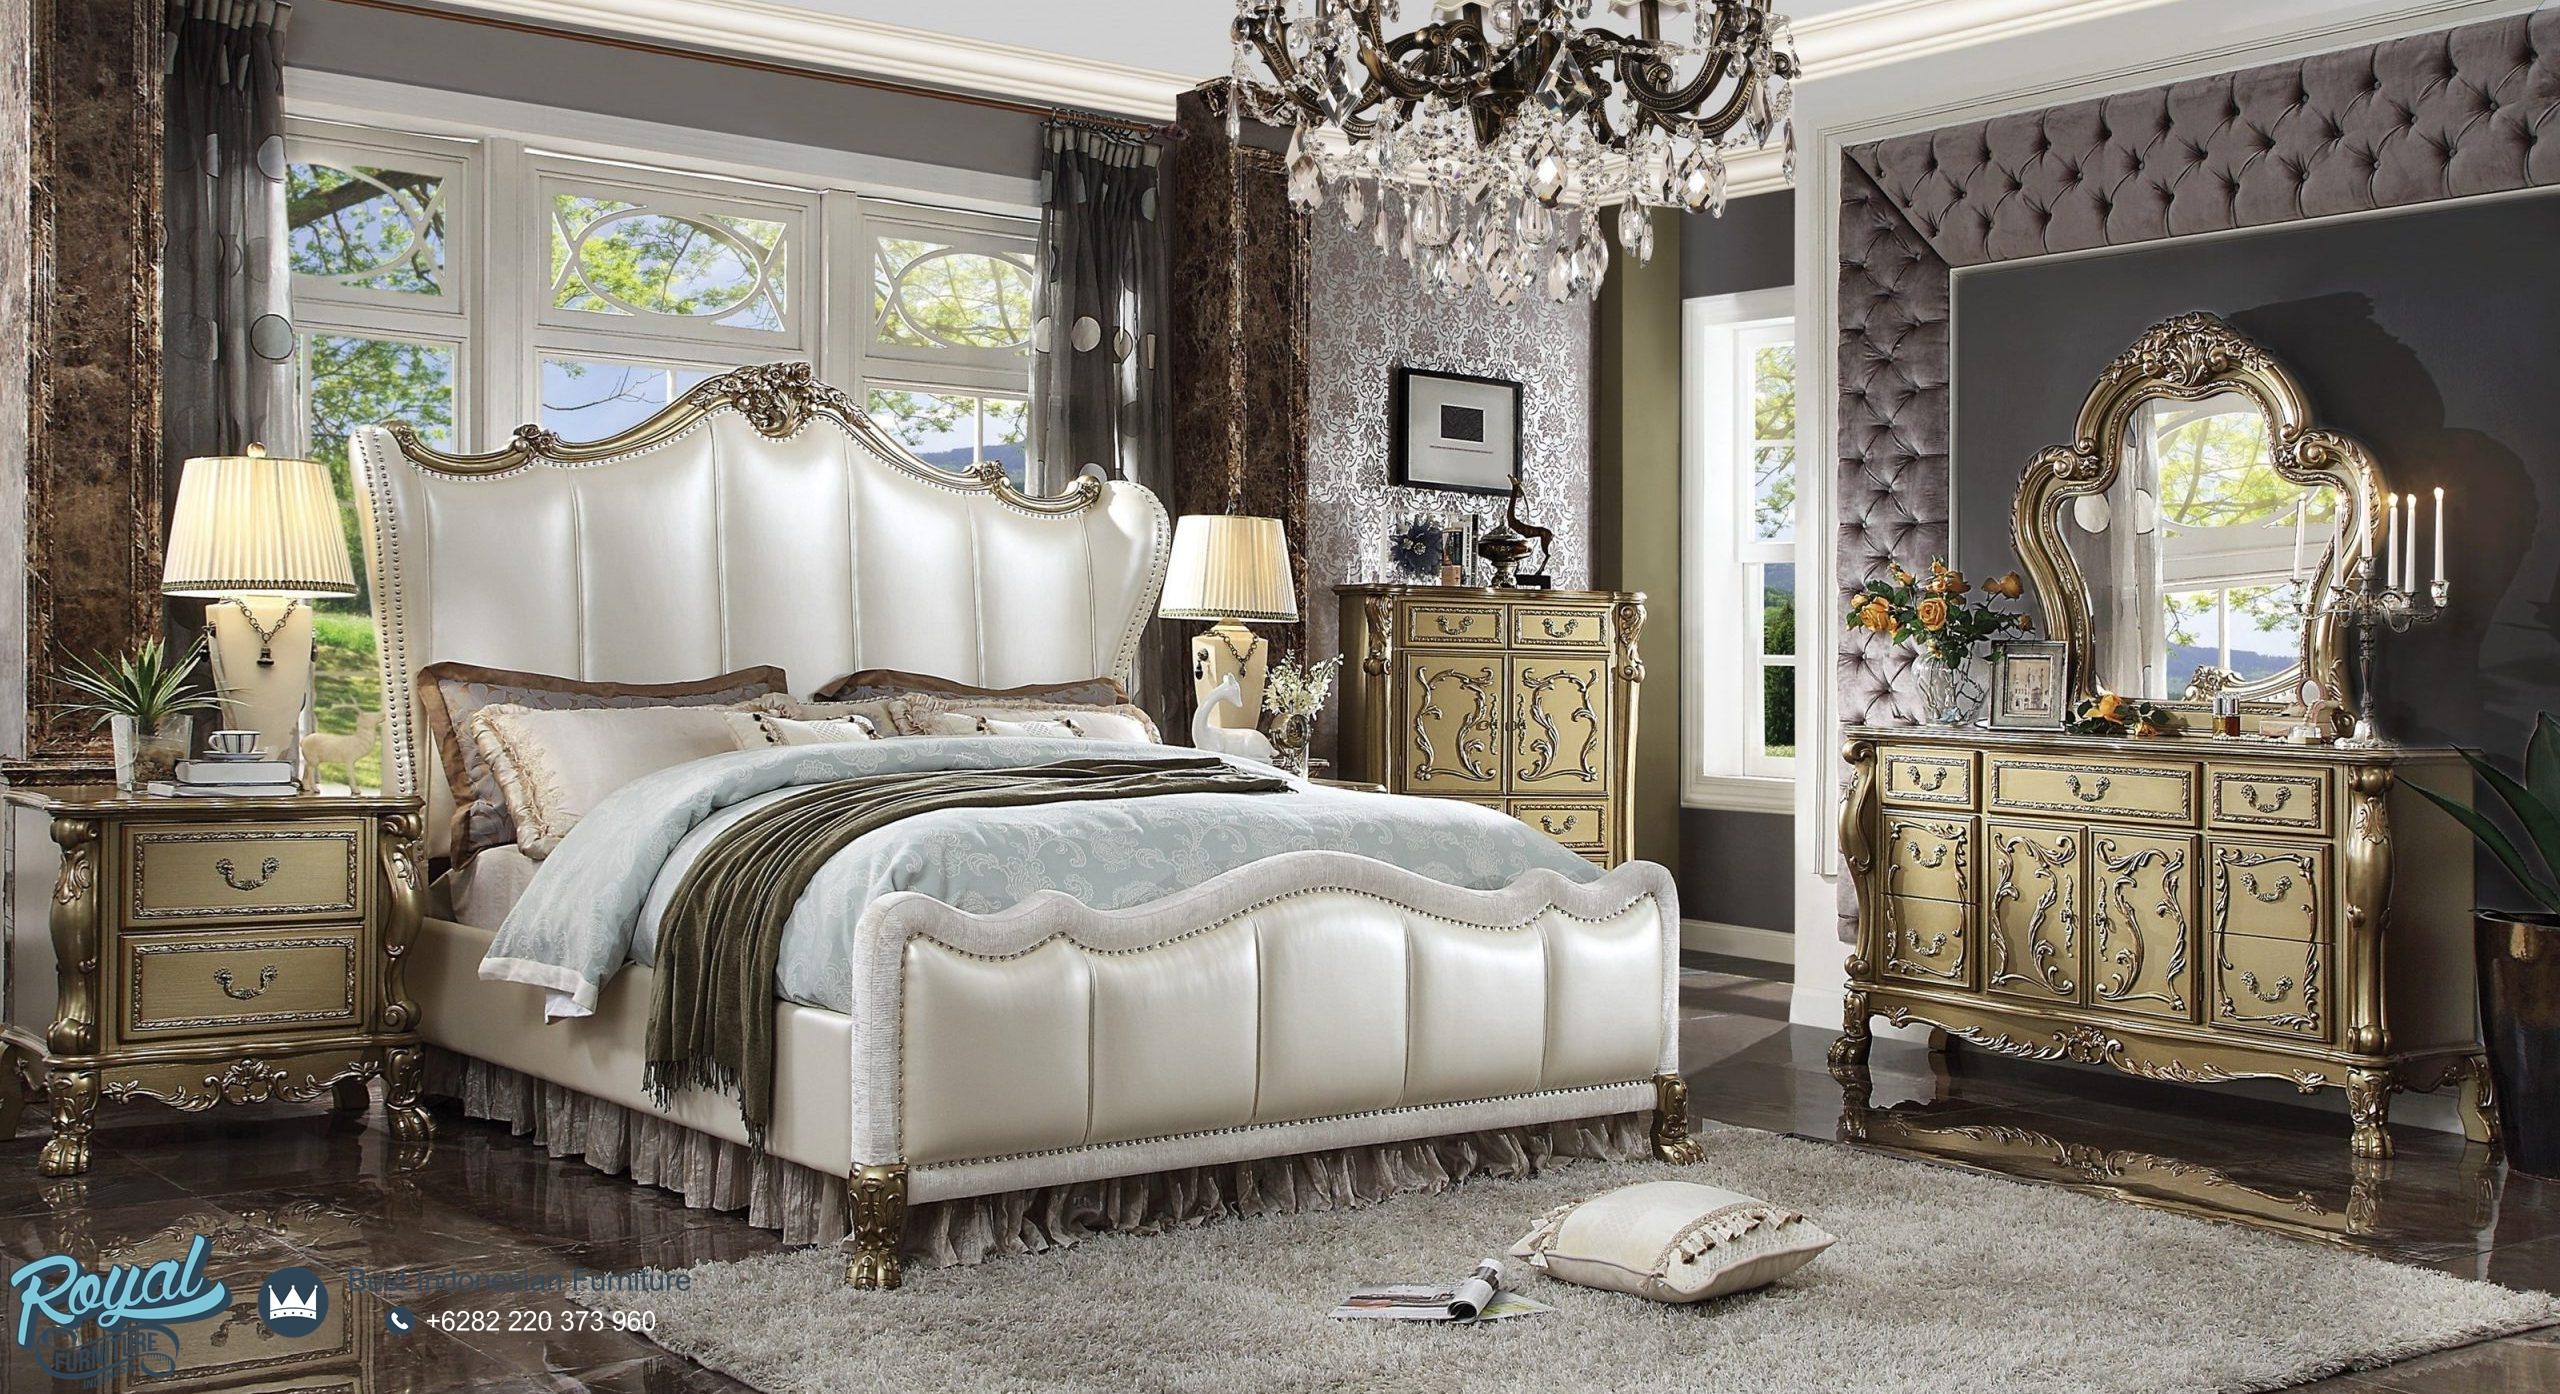 Model Set Tempat Tidur Mewah Ukir Klasik Jepara Gold Style, tempat tidur jepara terbaru, kamar set jati jepara terbaru, harga 1 set tempat tidur jepara murah, set tempat tidur pengantin, model kamar set jati minimalis, model kamar set pengantin terbaru, tempat tidur jepara terbaru 2020, kamar set mewah ukir jepara, tempat tidur mewah modern, tempat tidur mewah ukir jepara, tempat tidur kayu mewah, tempat tidur ukiran kayu jati, harga tempat tidur jati satu set, jual tempat tidur mewah ukiran jepara, desain kamar tidur mewah klasik, kamar set pengantin terbaru, set kamar tidur mewah, set kamar tidur klasik, kamar tidur ukir klasik jepara terbaru, set kamar tidur jati, harga tempat tidur mewah modern, kamar tidur mewah elegan, tempat tidur mewah warna gold, set kamar tidur minimalis, toko mebel jepara, toko furniture jepara, royal furniture jepara